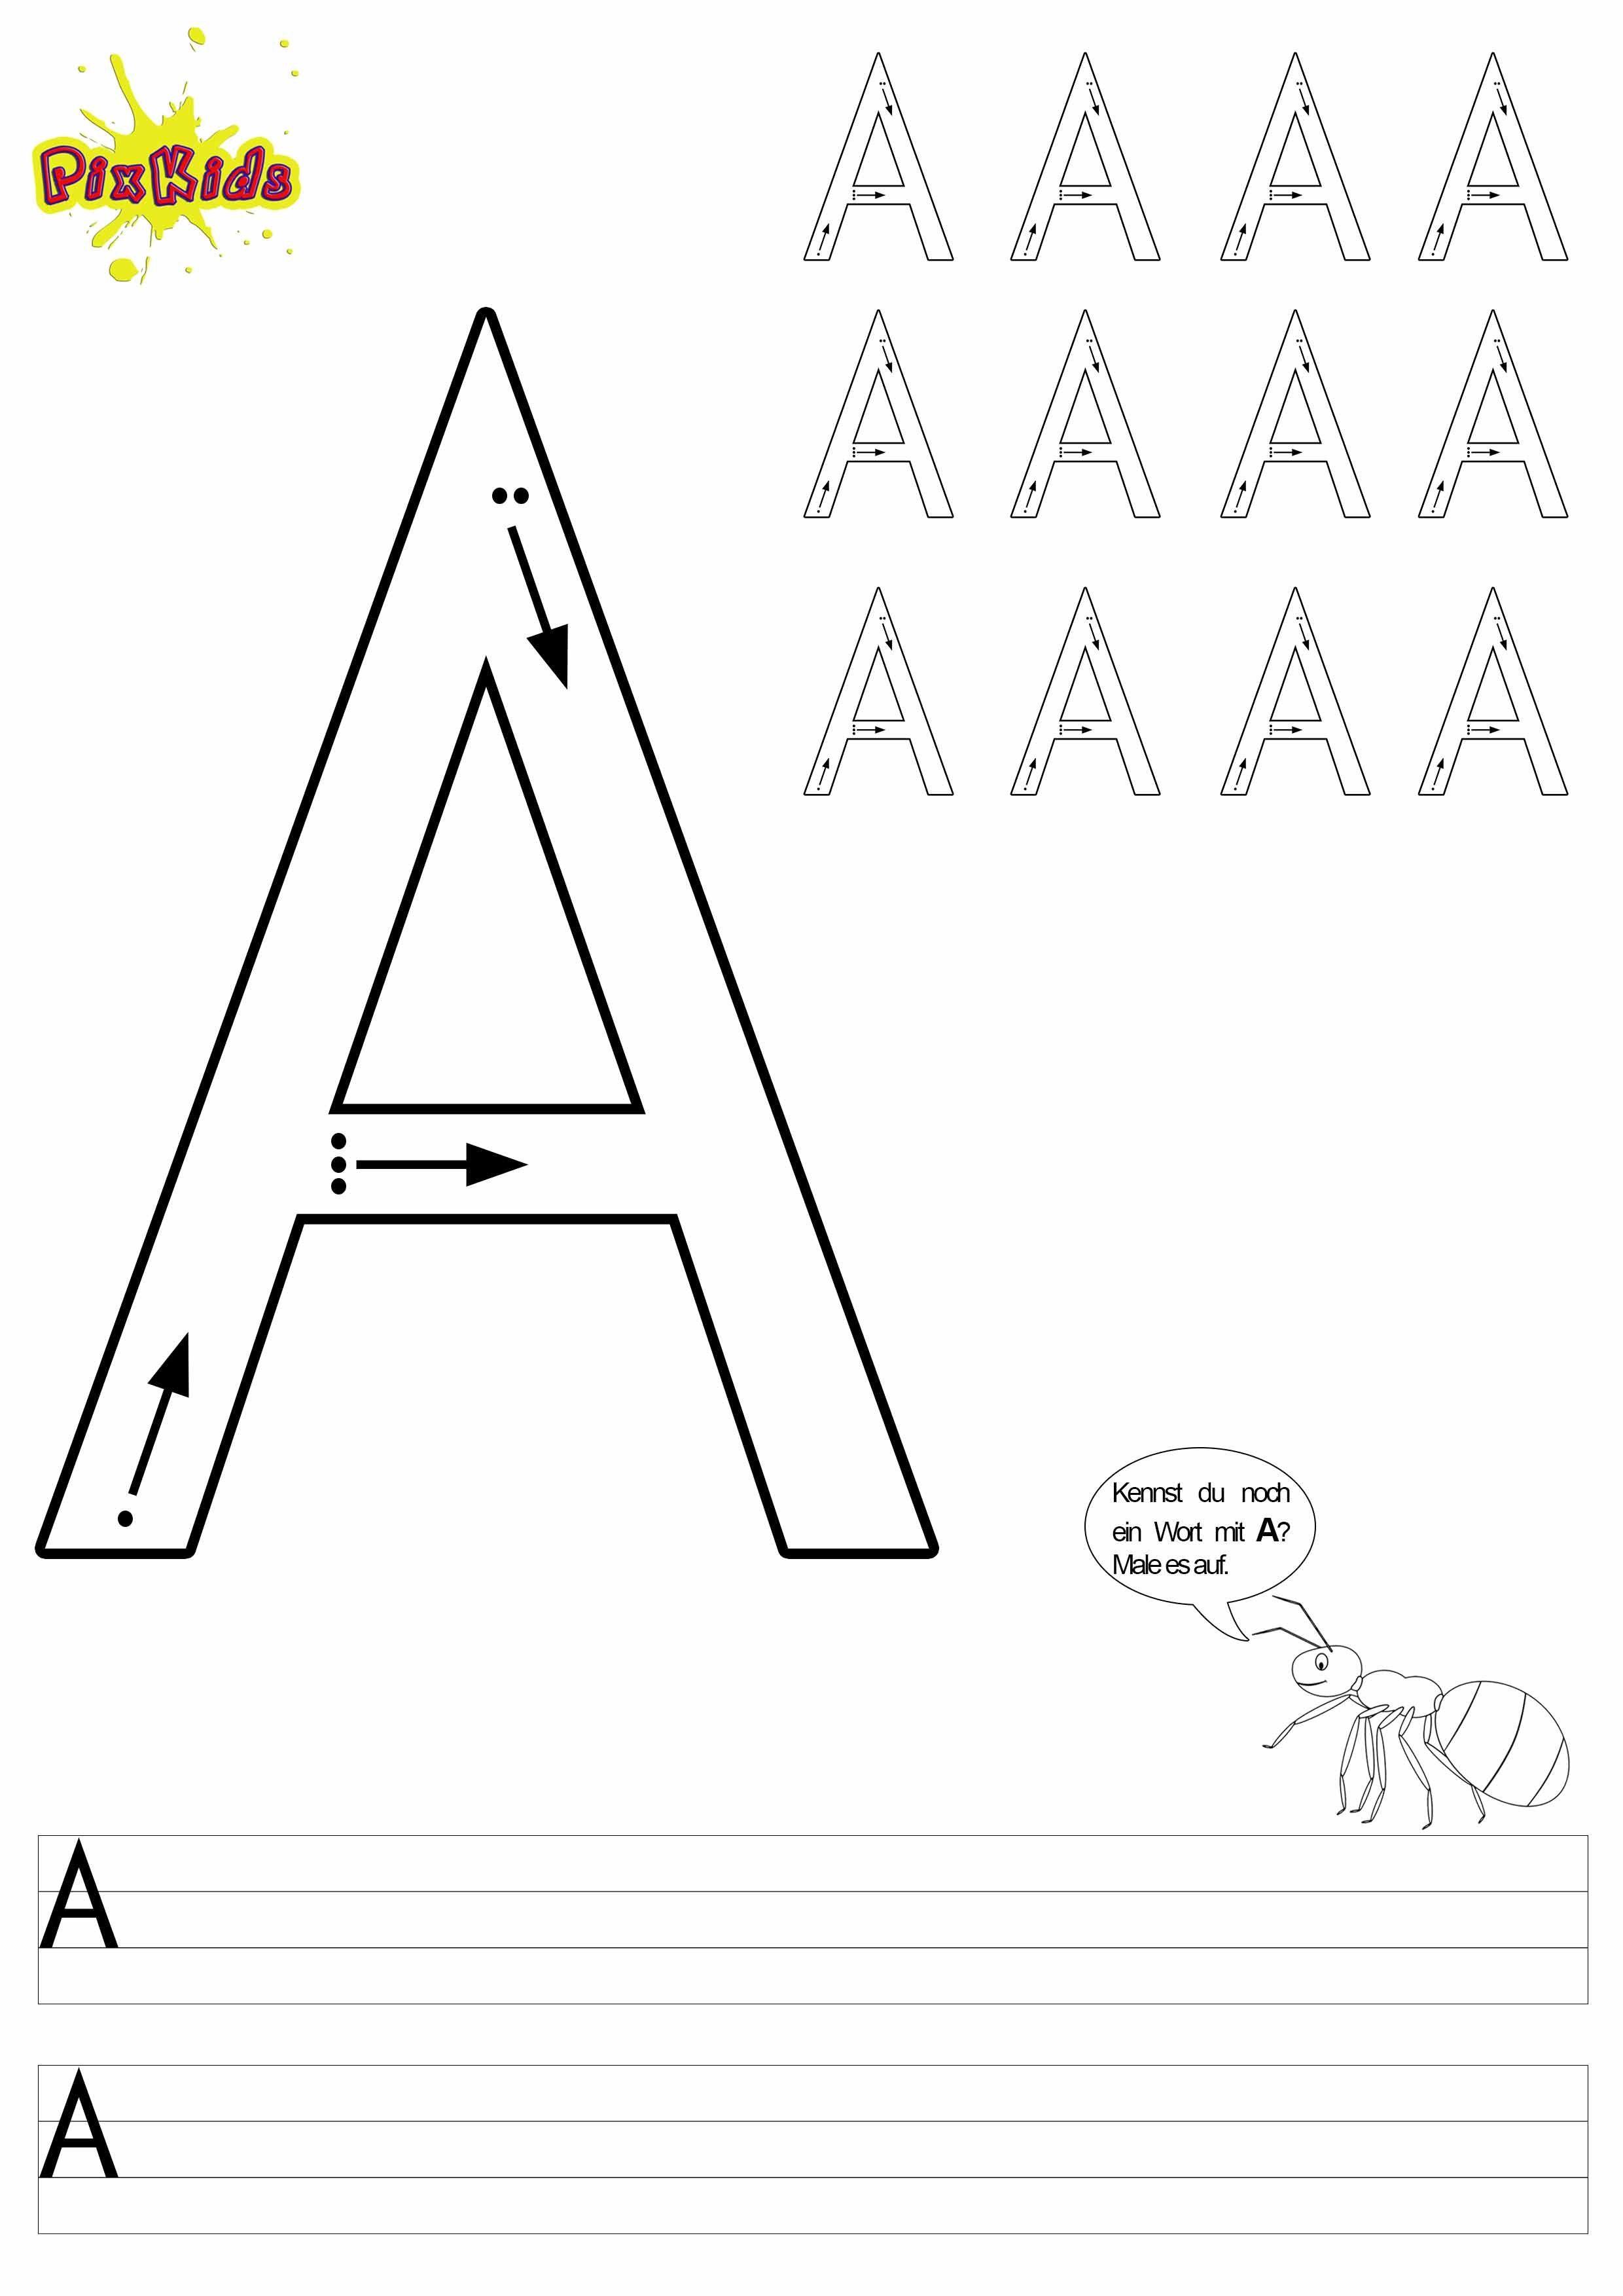 buchstaben schreiben lernen arbeitsbl tter buchstabe 2480 3508 vorschule pinterest. Black Bedroom Furniture Sets. Home Design Ideas